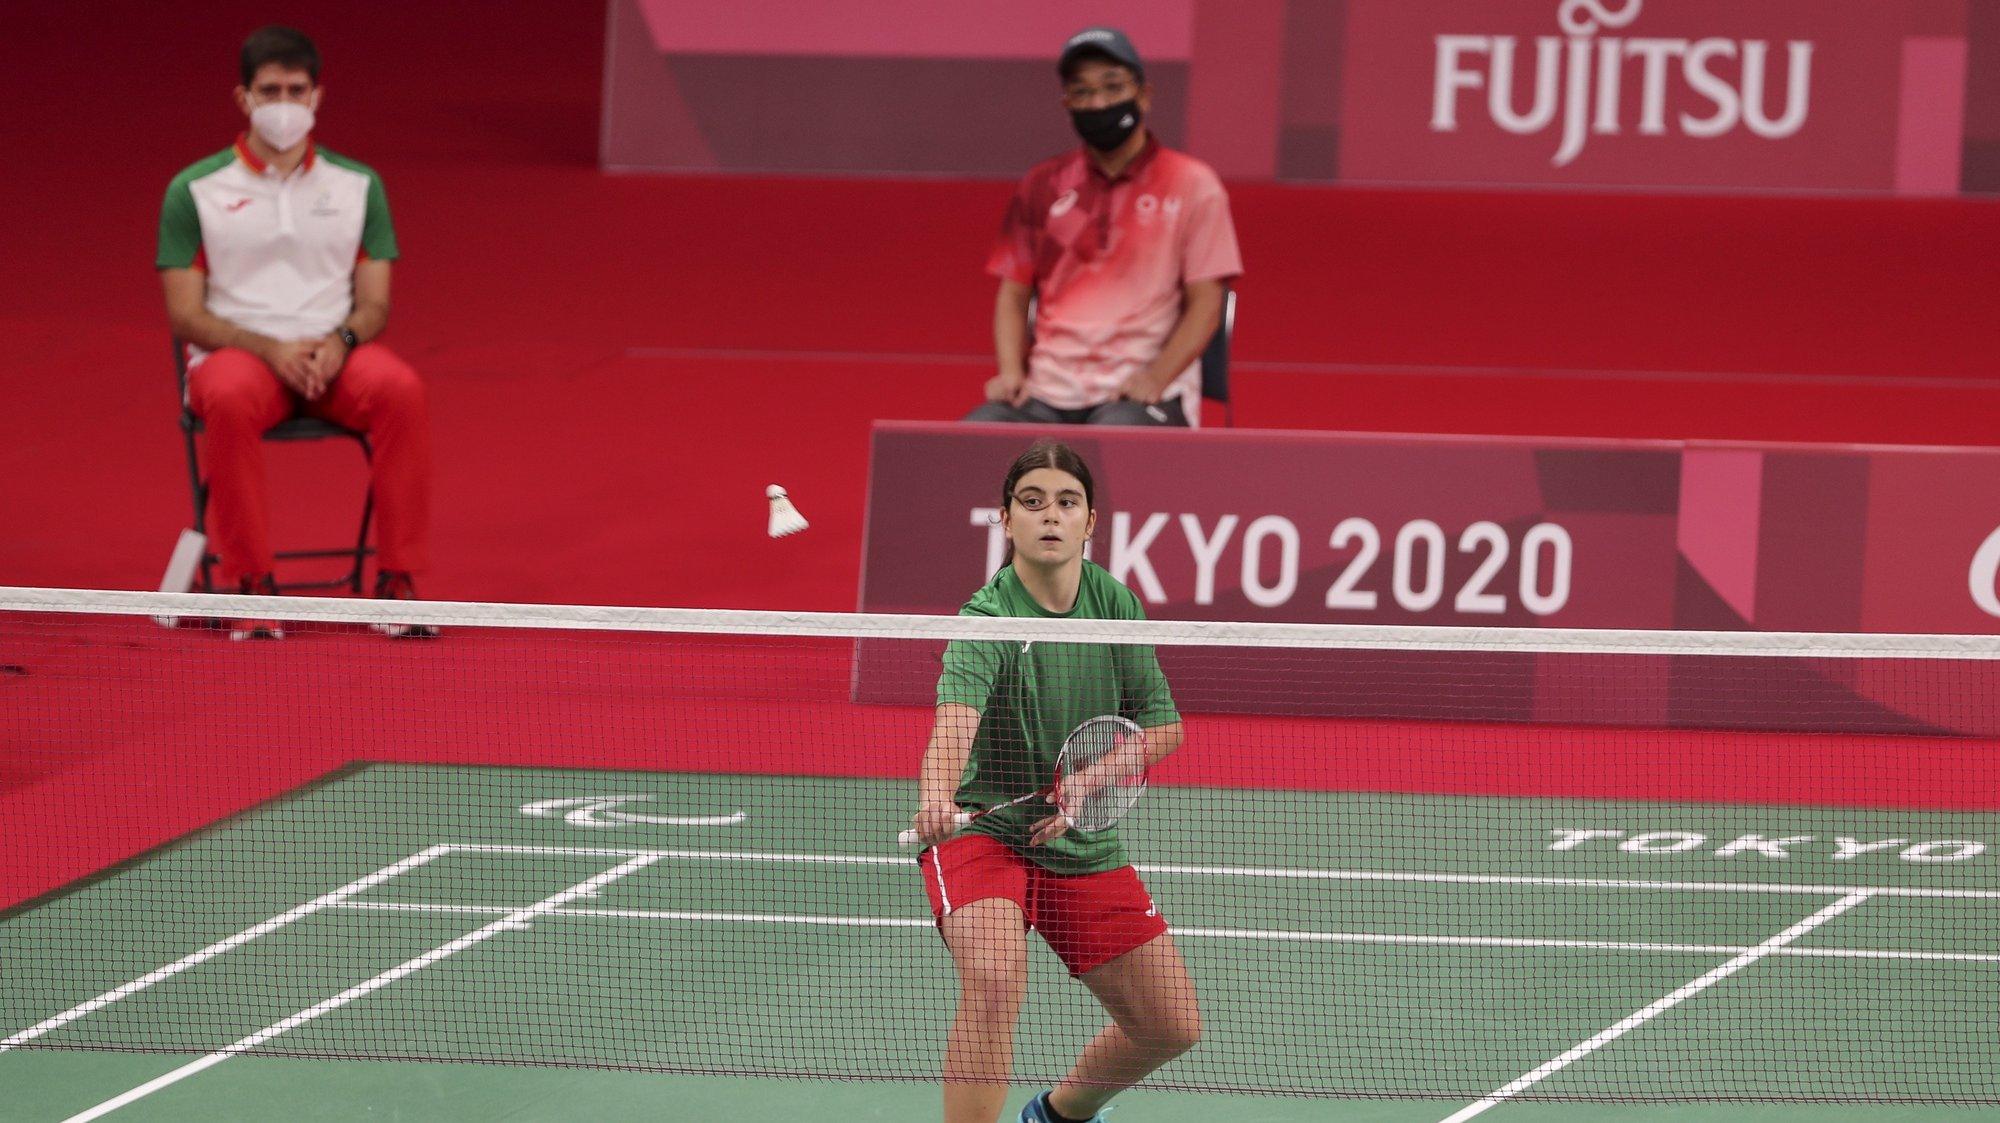 A atleta portuguesa, Beatriz Monteiro em ação frente à Holandesa, Megan Hollander (ausente da foto) no jogo de badminton singulares femininos SU5, esta tarde no Estádio Nacional de Yoyogi em Tóquio nos jogos Paralímpicos de Toquio 2020, Japão, 1 de setembro de 2021. MIGUEL A. LOPES/LUSA